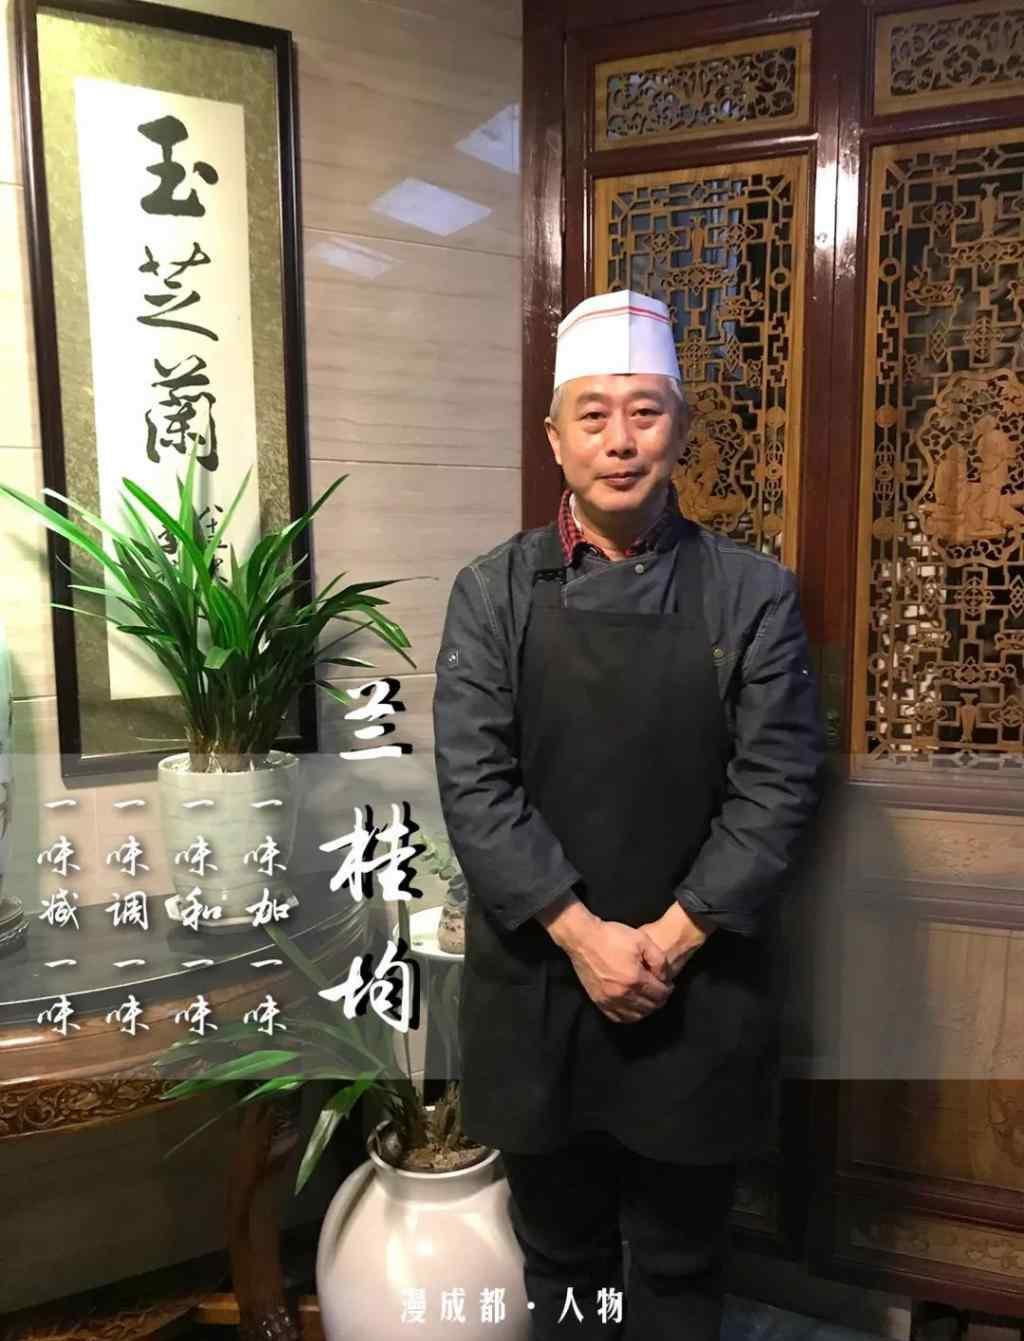 玉芝兰 他是泡椒凤爪之父,创办了全球知名川菜馆、成都最好的私房菜玉芝兰